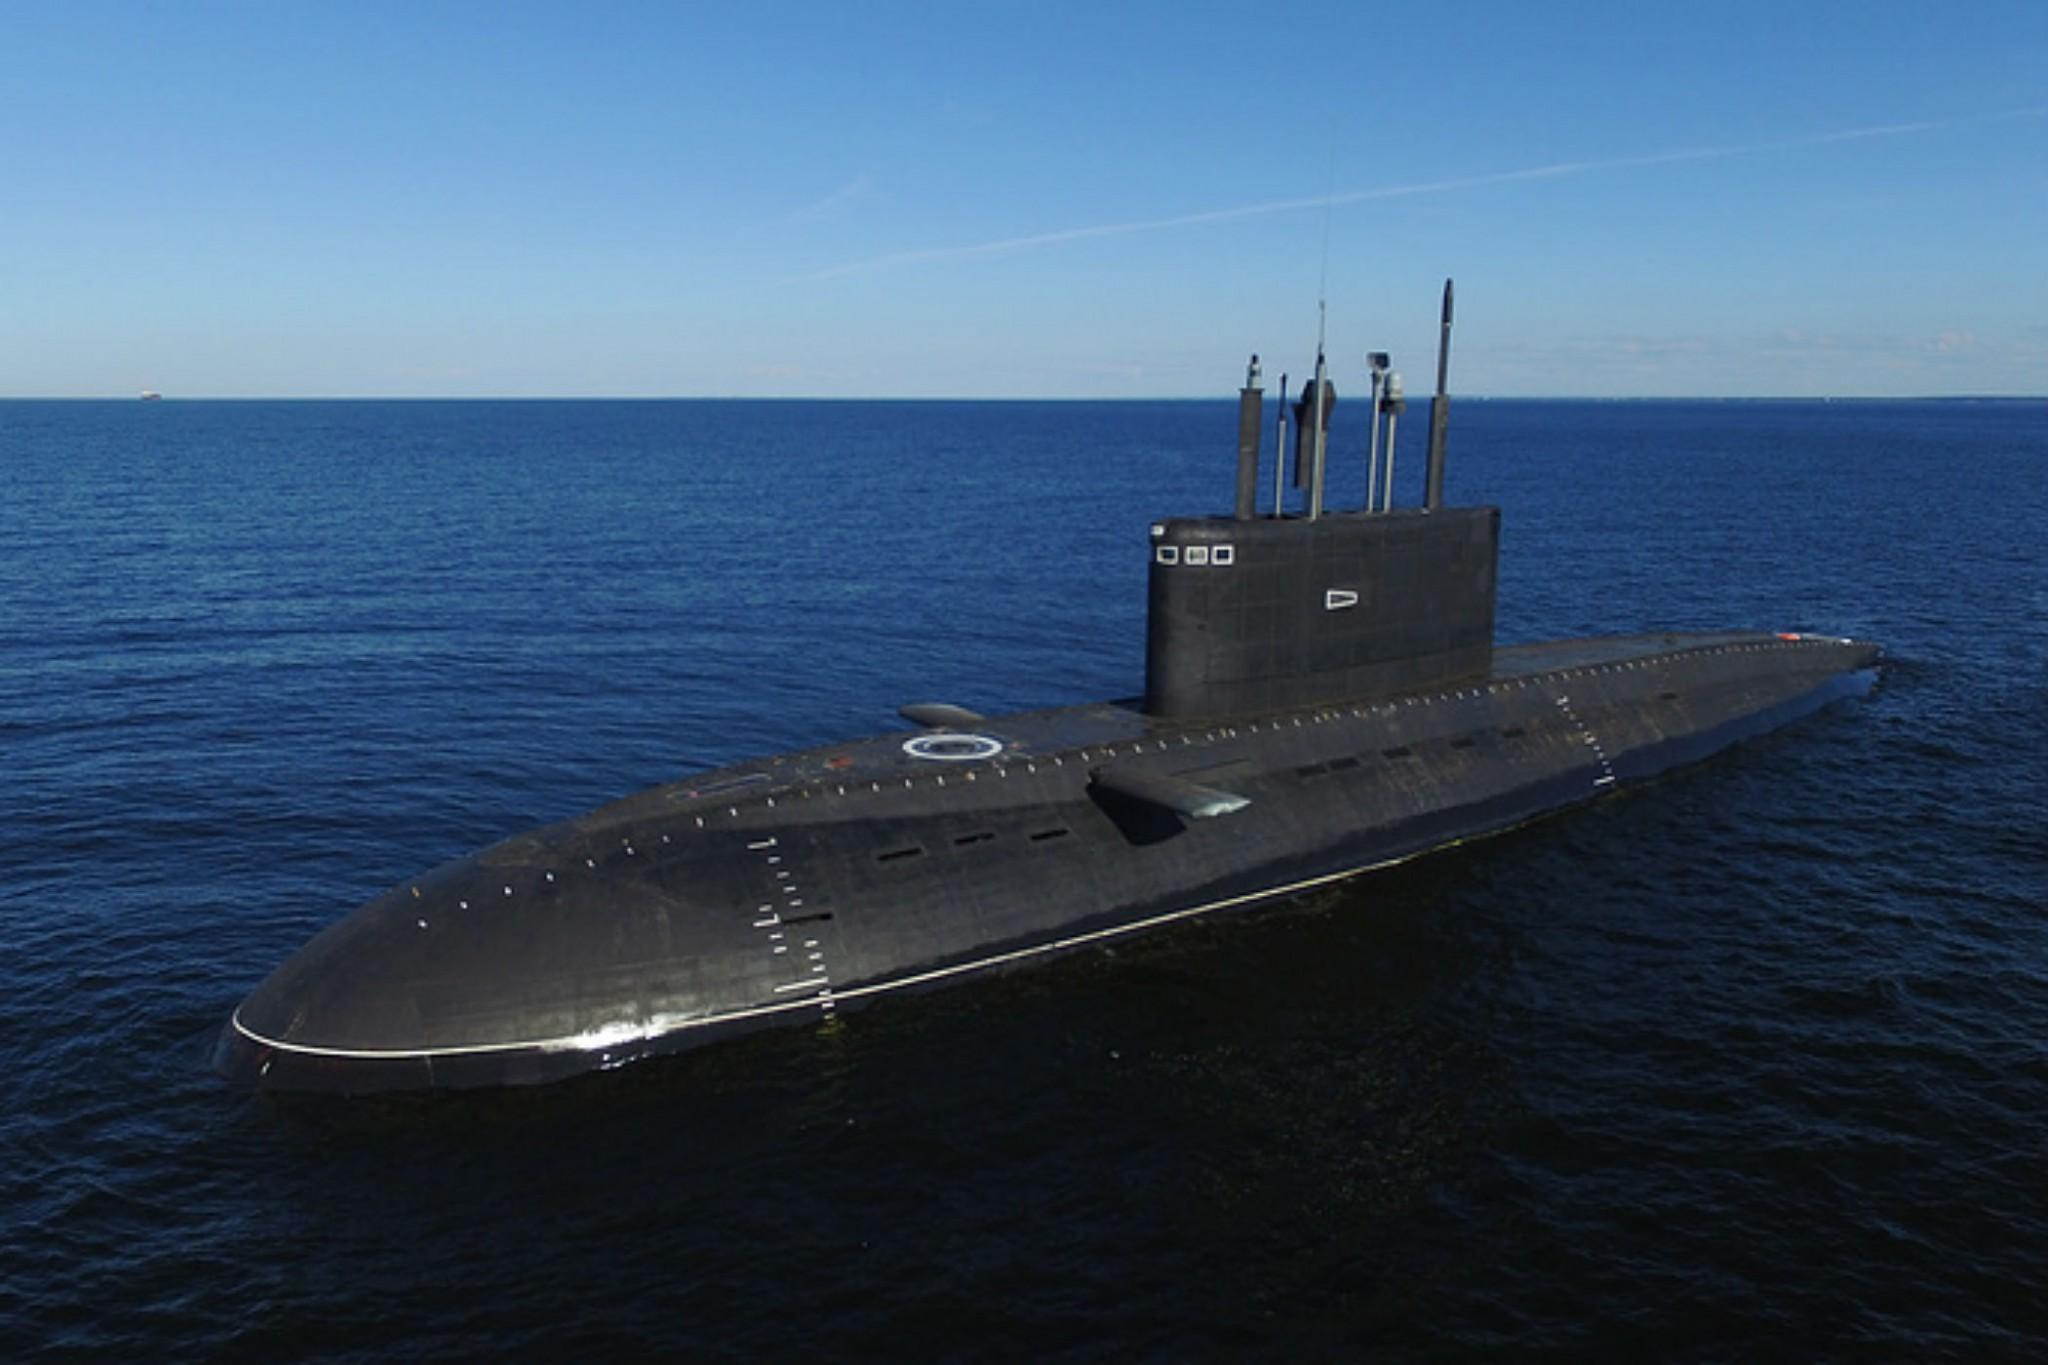 О российских подлодках в Средиземном море